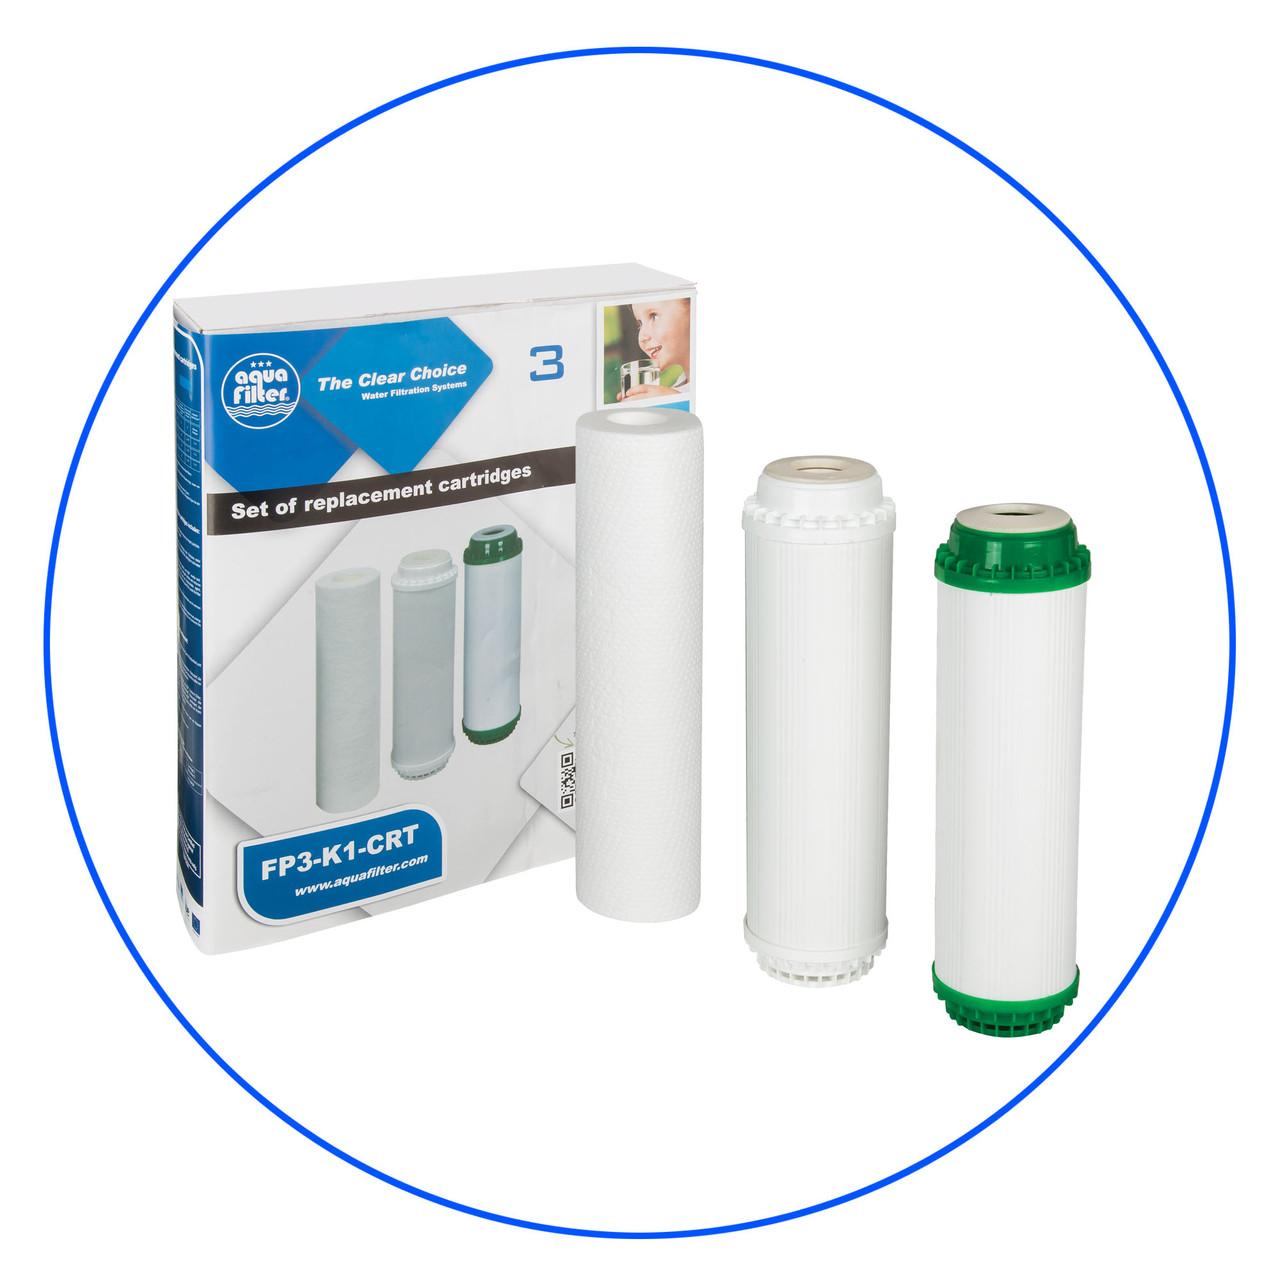 Комплект картриджів для фільтра Aquafilter FP3-K1-CRT